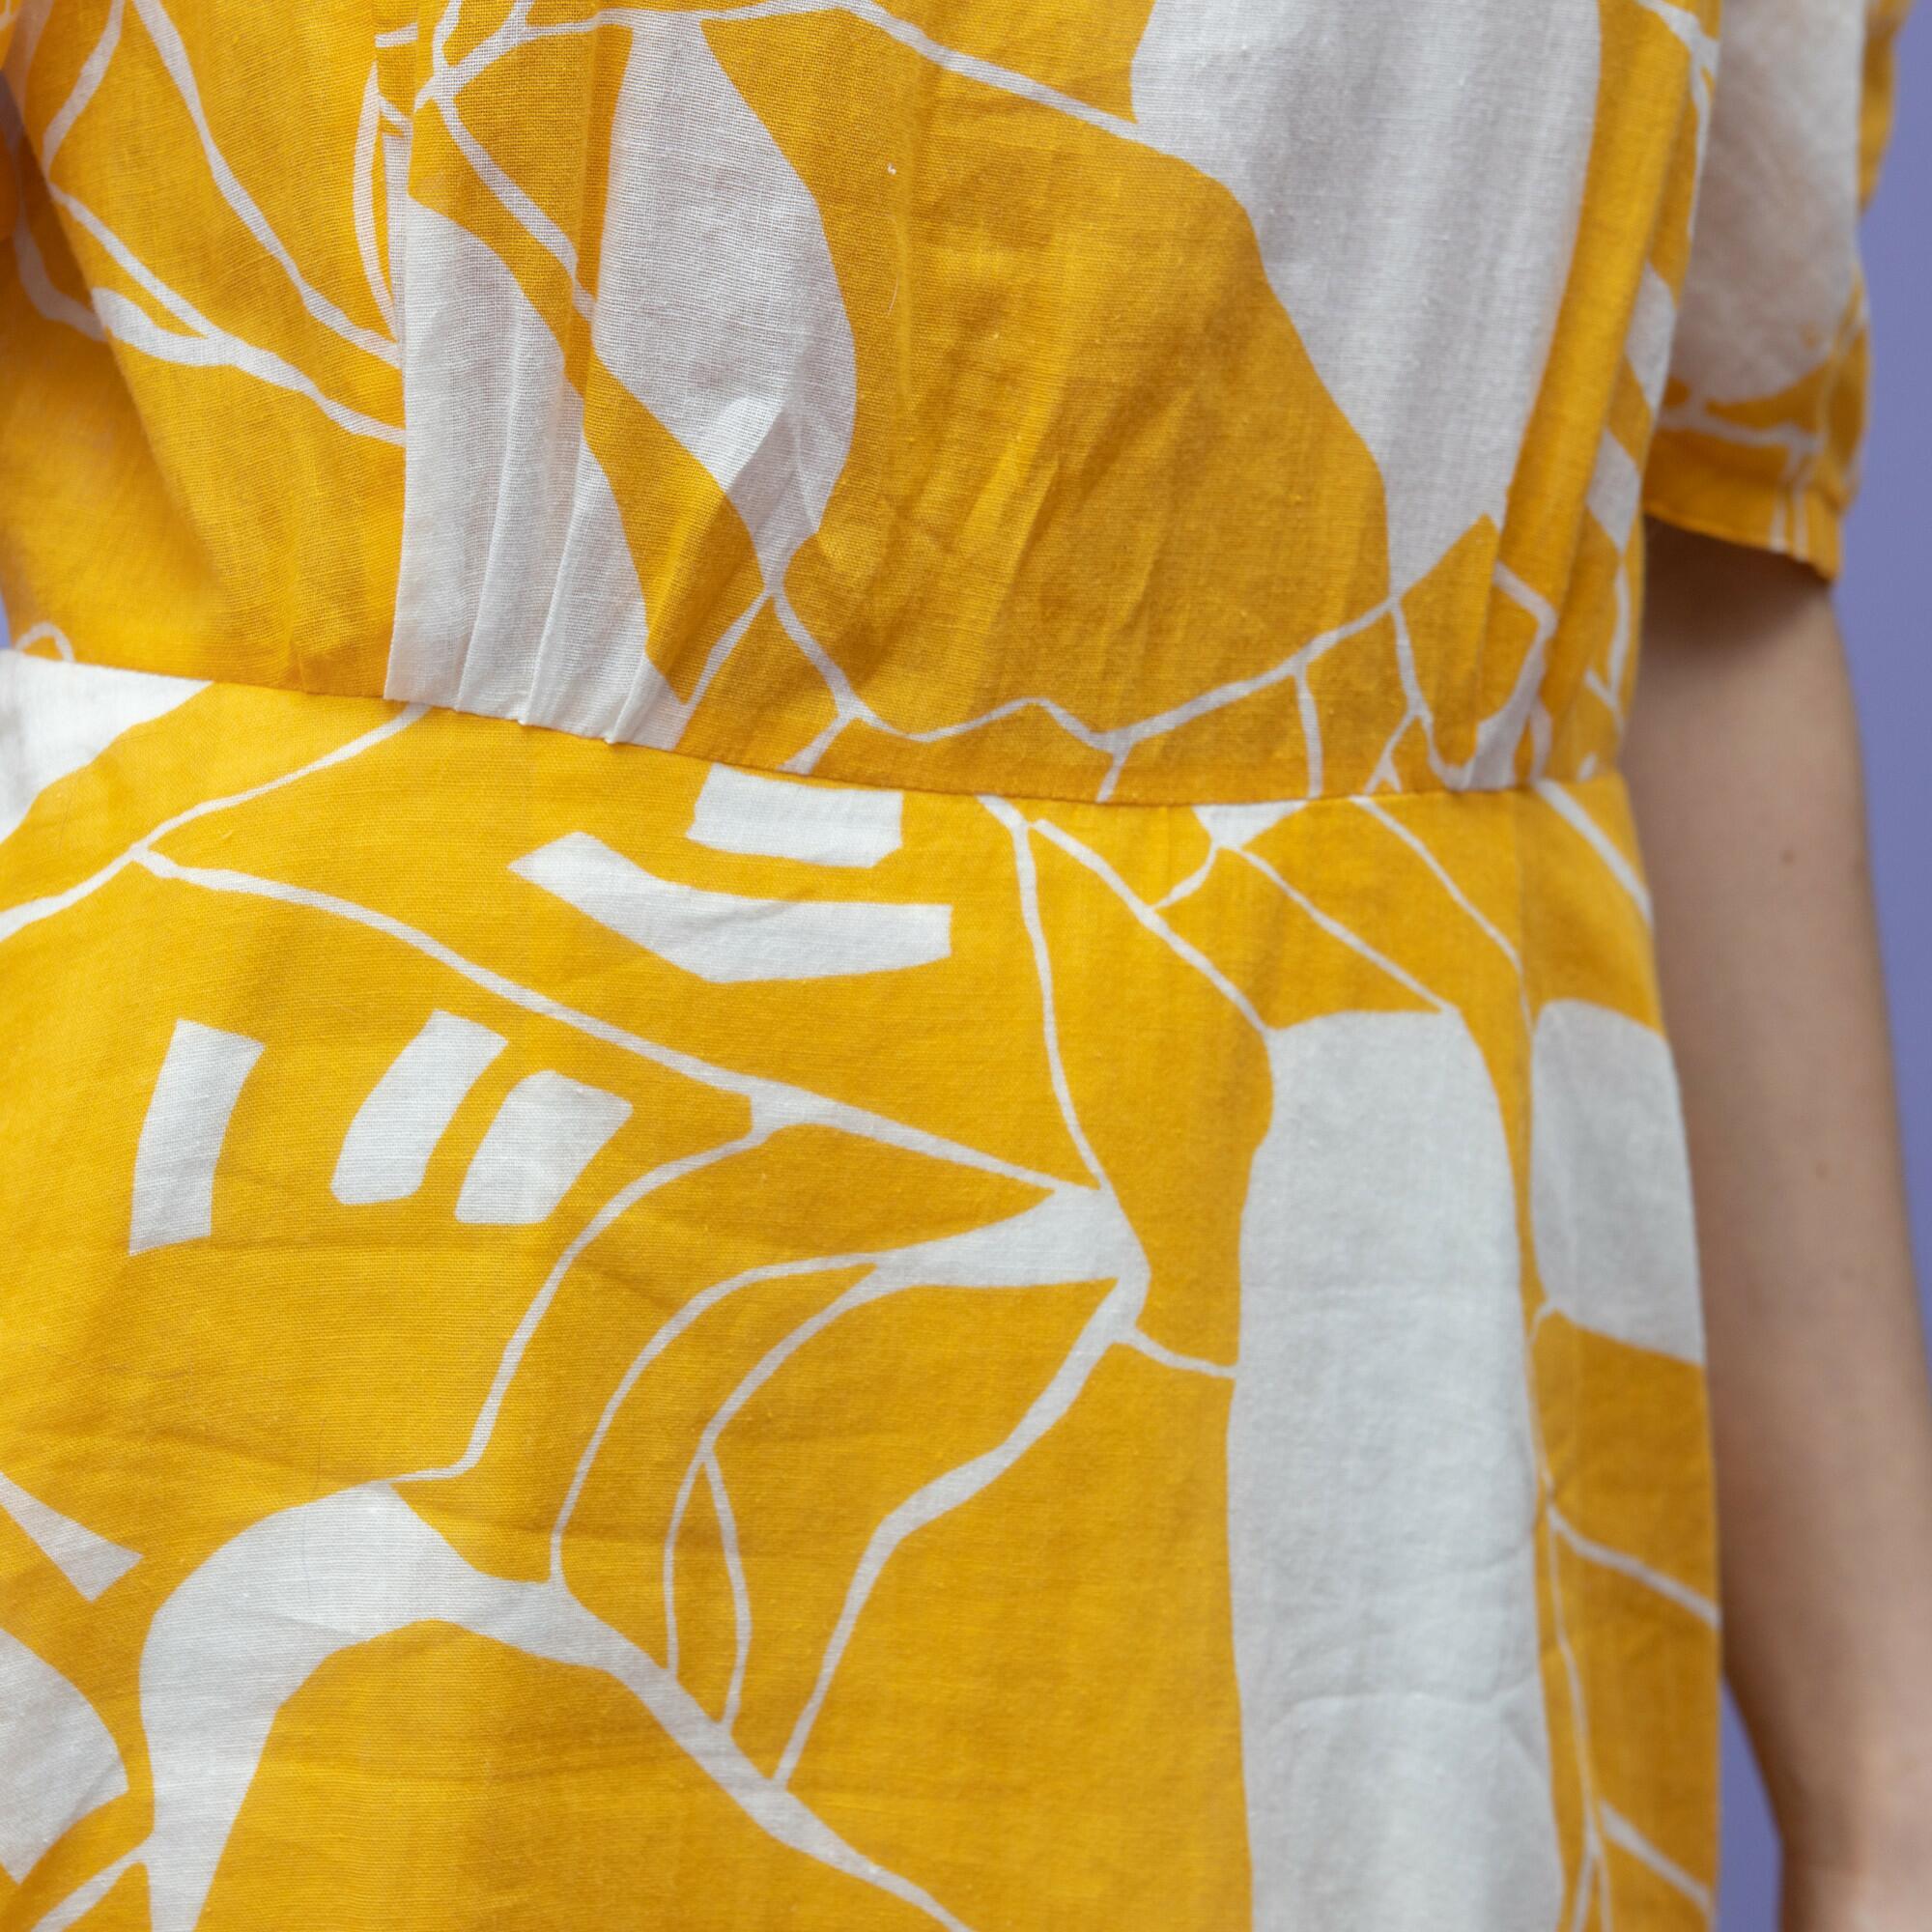 biało-żółta sukienka z bufiastymi rękawkami, kwadratowym dekoltem oraz podkreśloną talią - KEX Vintage Store | JestemSlow.pl